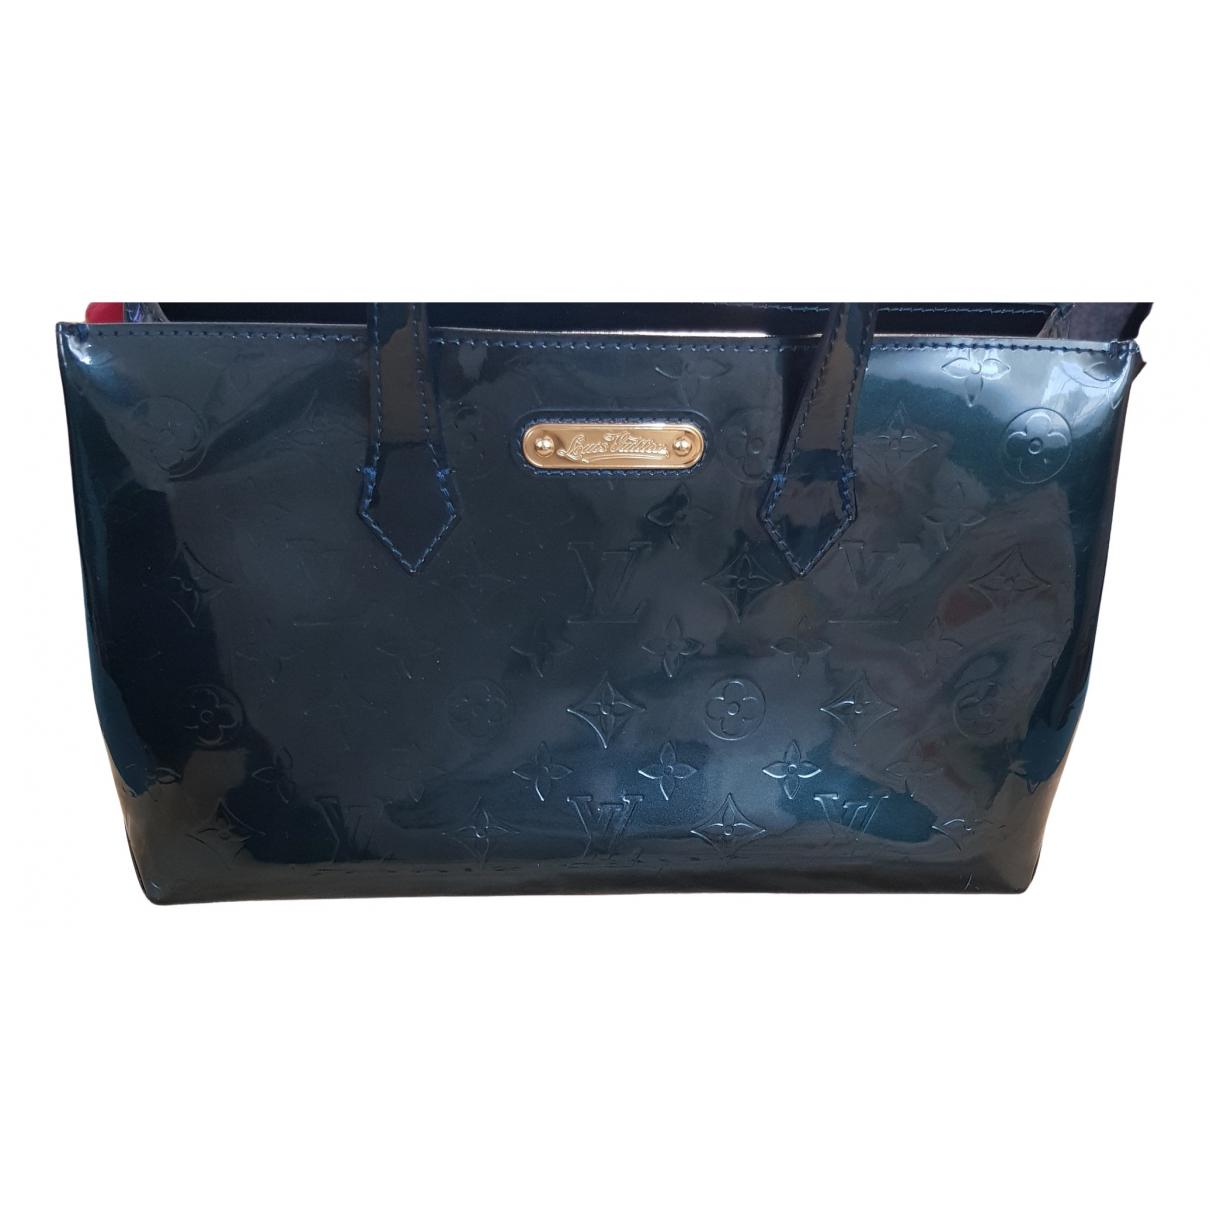 Louis Vuitton - Sac a main Wilshire pour femme en cuir verni - vert